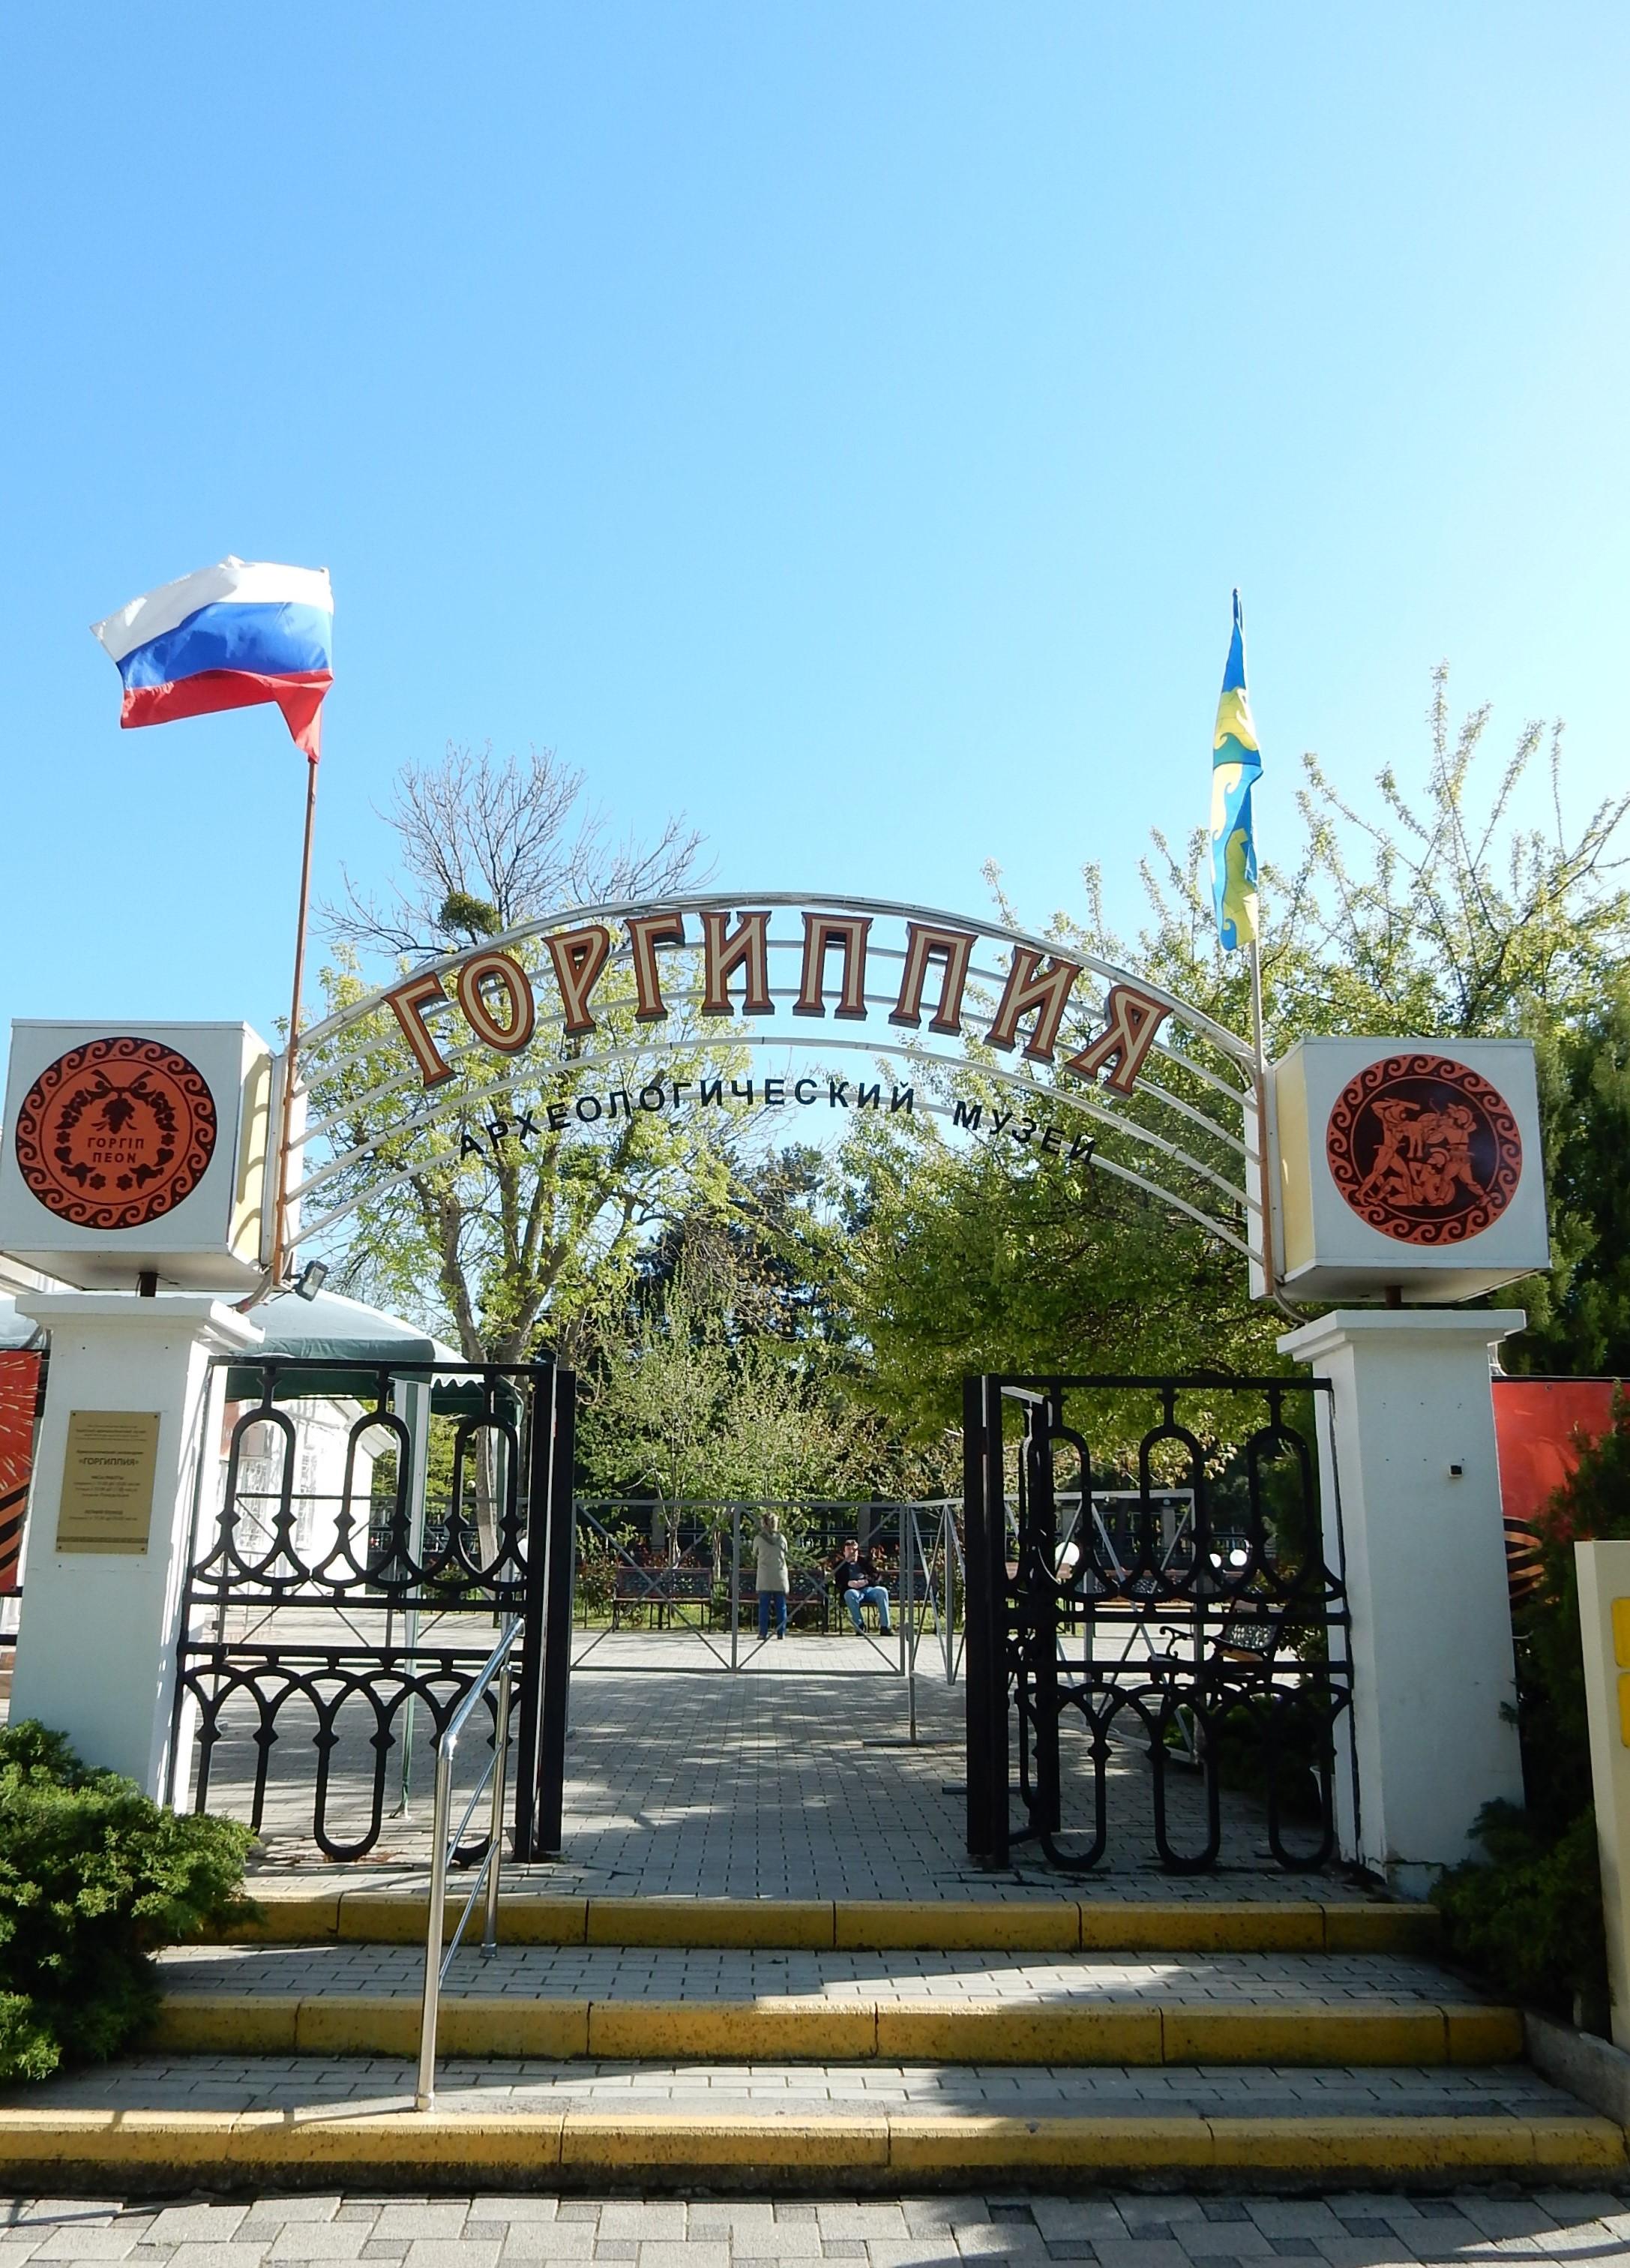 Археологический музей Анапы, филиал Краснодарского музея имени Фелицына